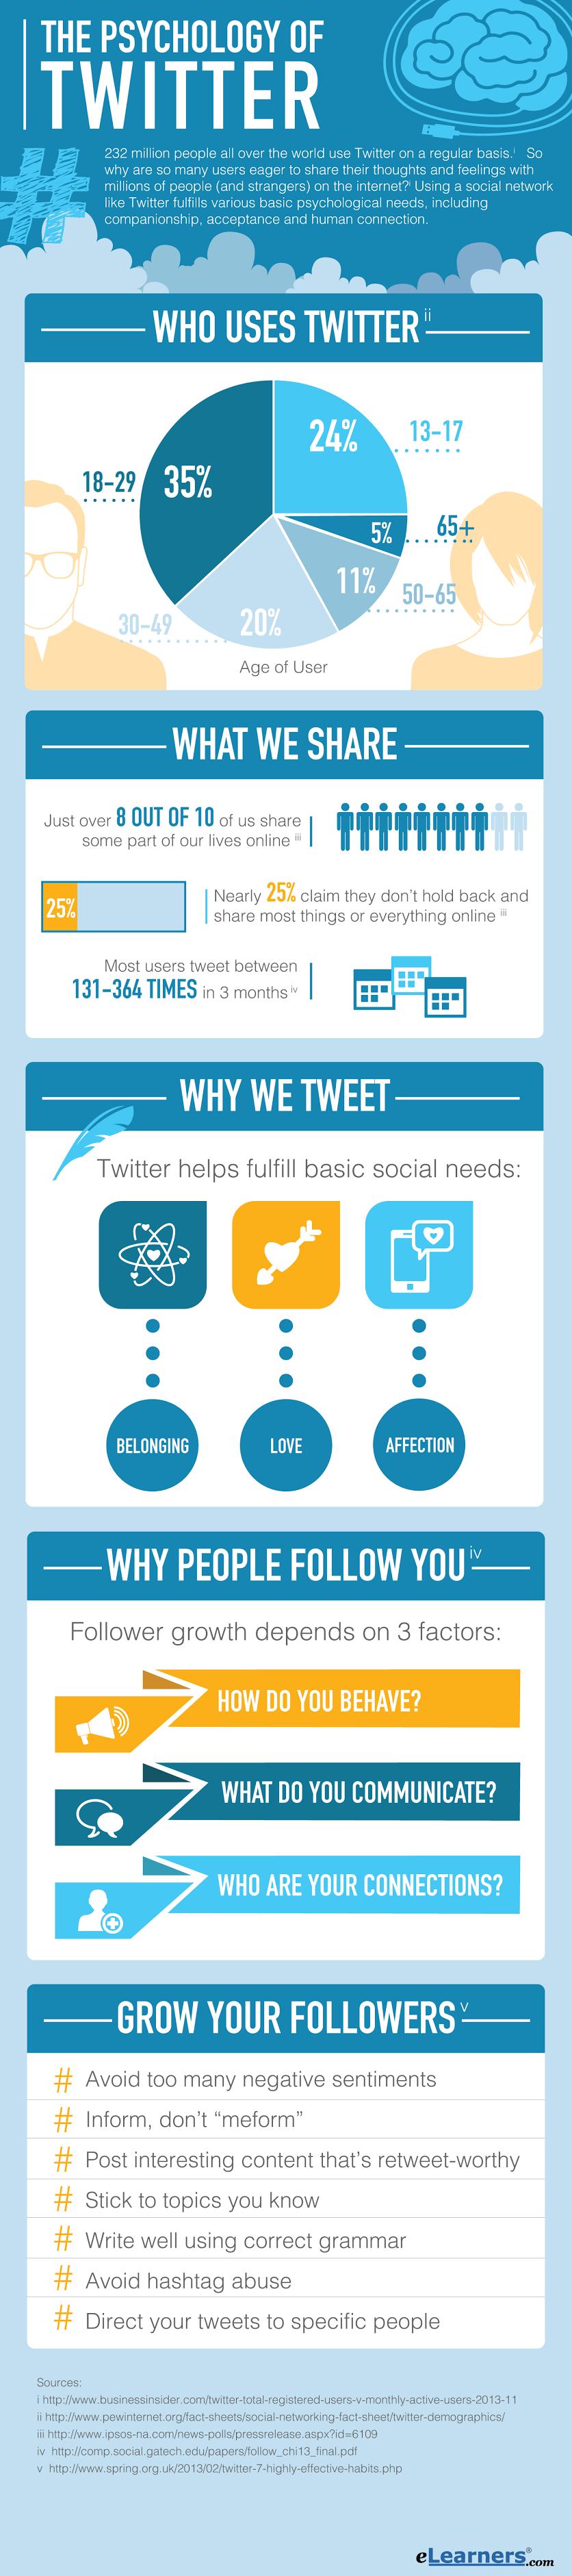 La psicología de Twitter